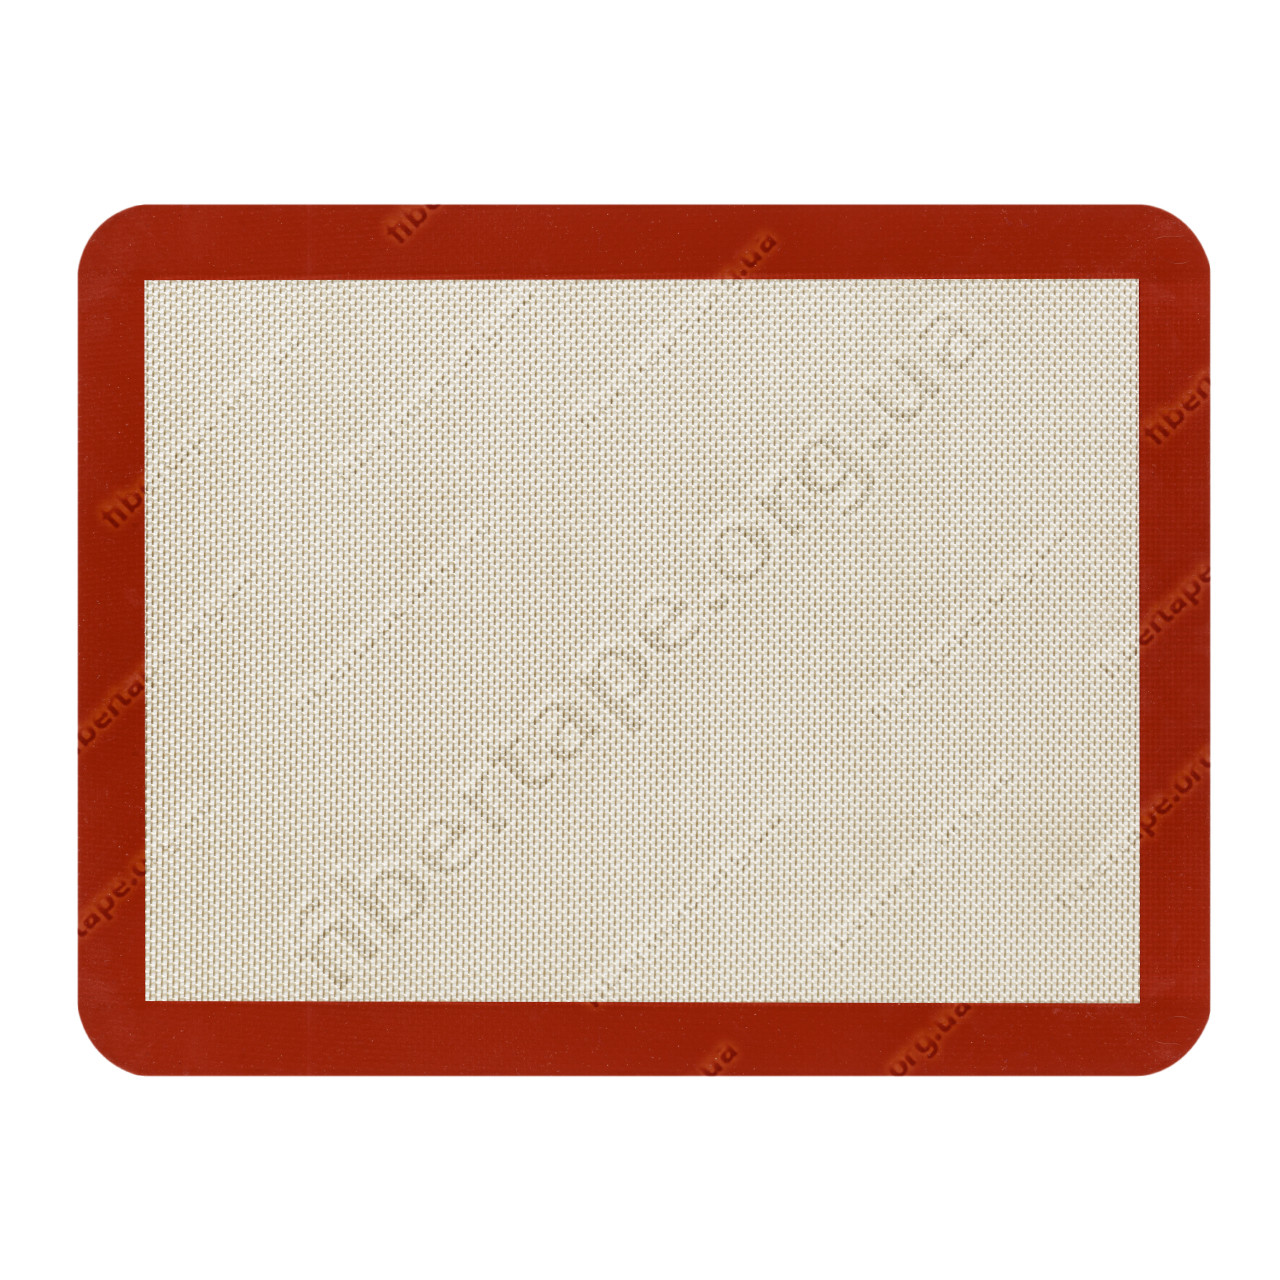 Силиконовый коврик для выпечки 425x425 мм